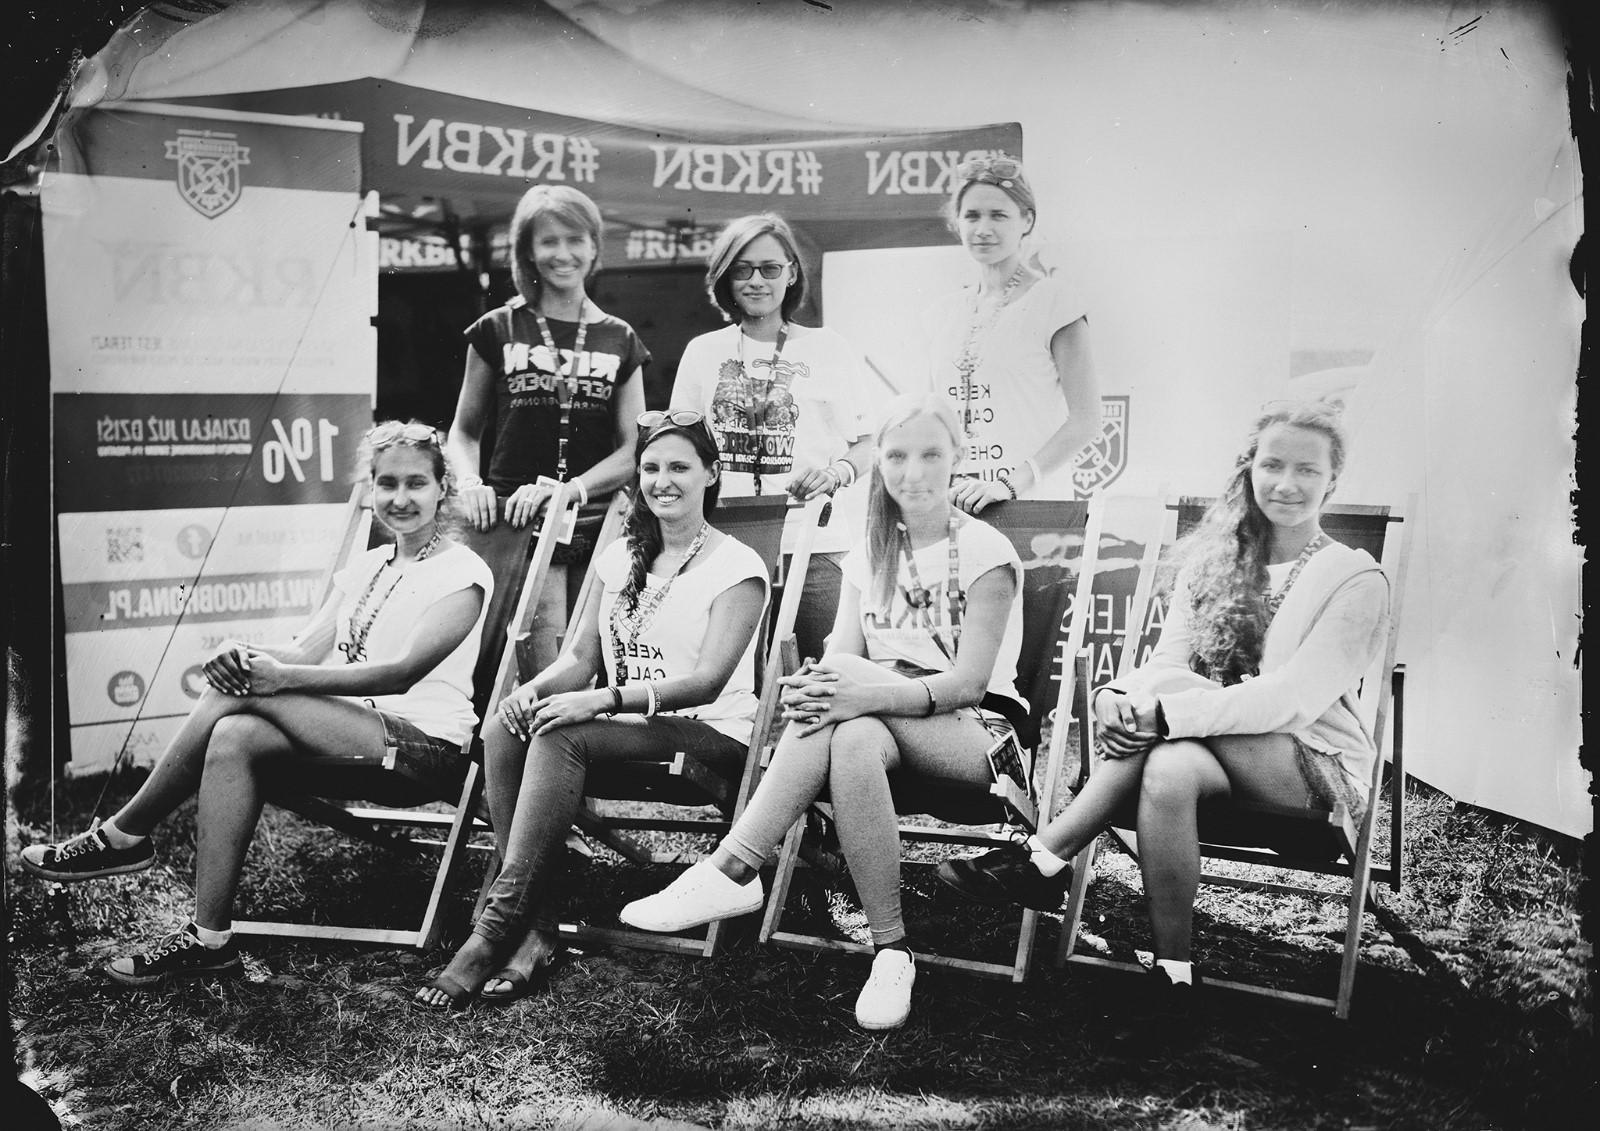 Przystanek Woodstock 2015 - Mokry Kolodion - Street Collodion Art (6)